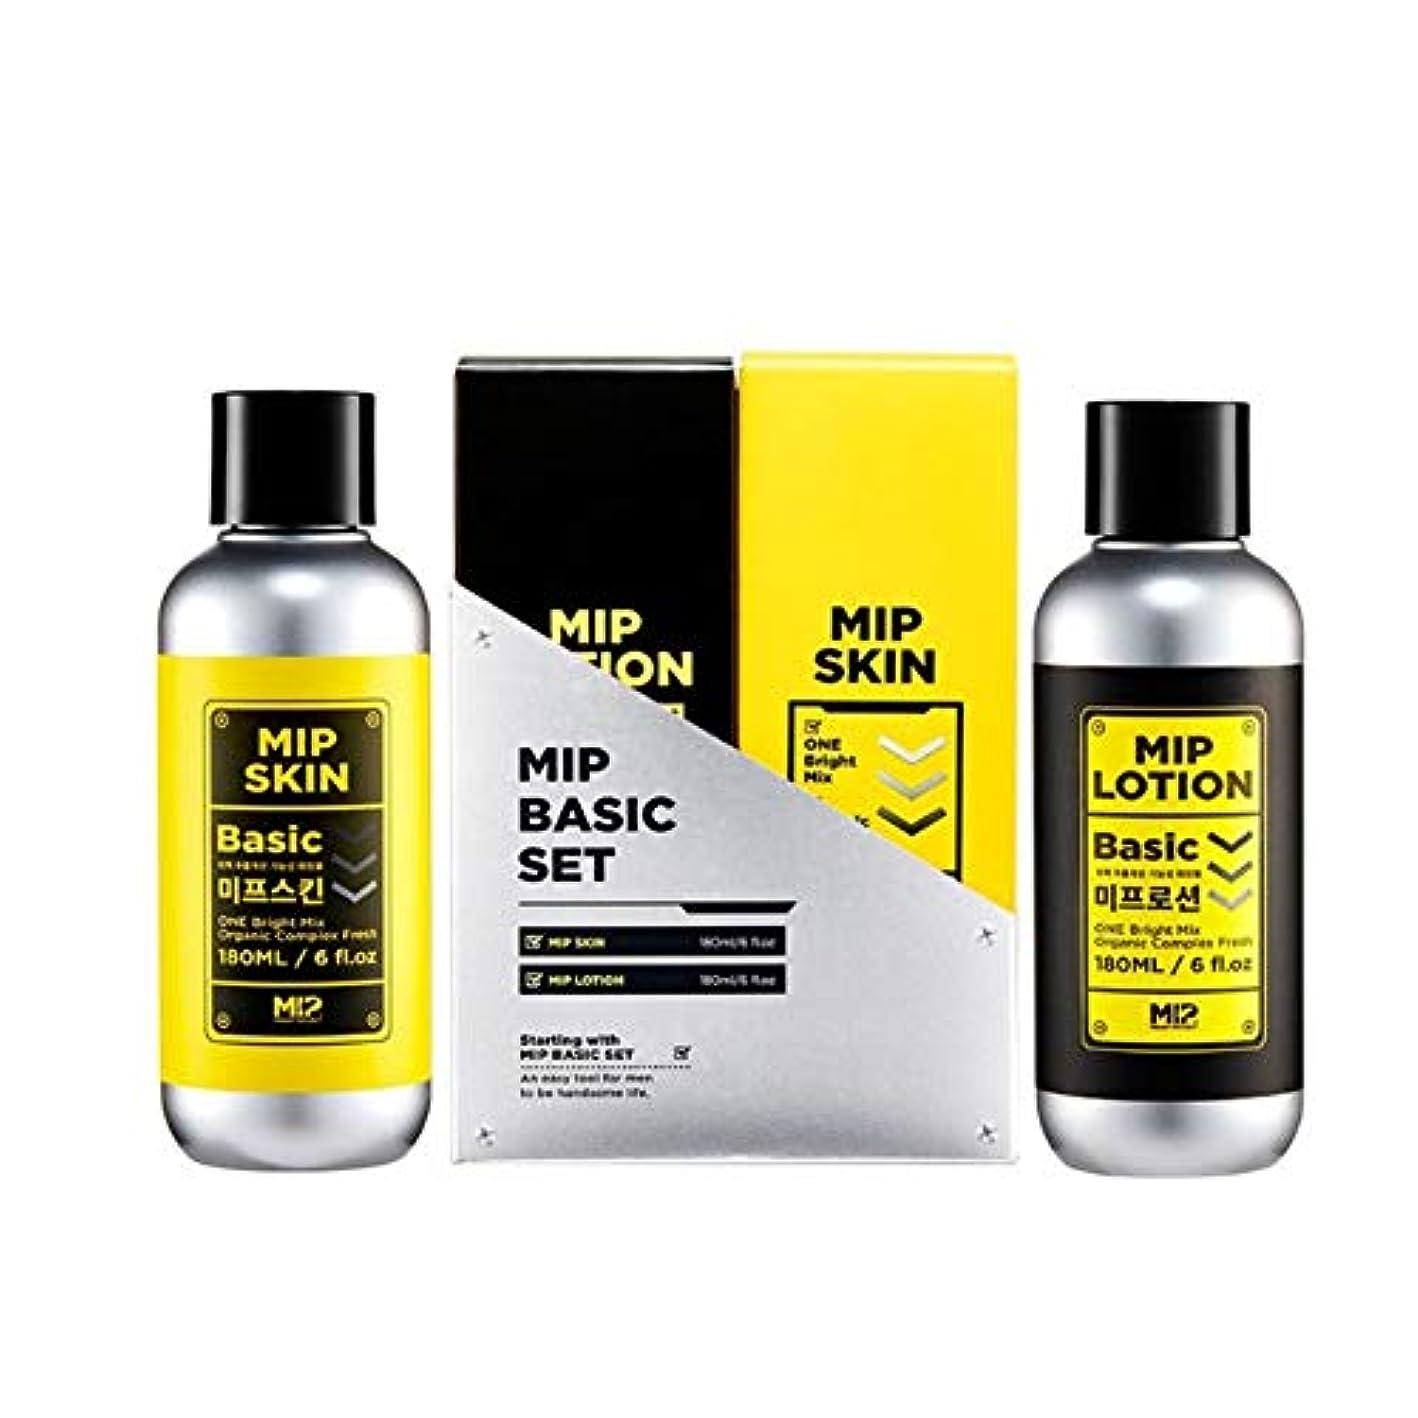 ローブ時々時々ひいきにするミップスキン180mlローション180mlセットメンズコスメ韓国コスメ、Mip Skin 180ml Lotion 180ml Set Men's Cosmetics Korean Cosmetics [並行輸入品]